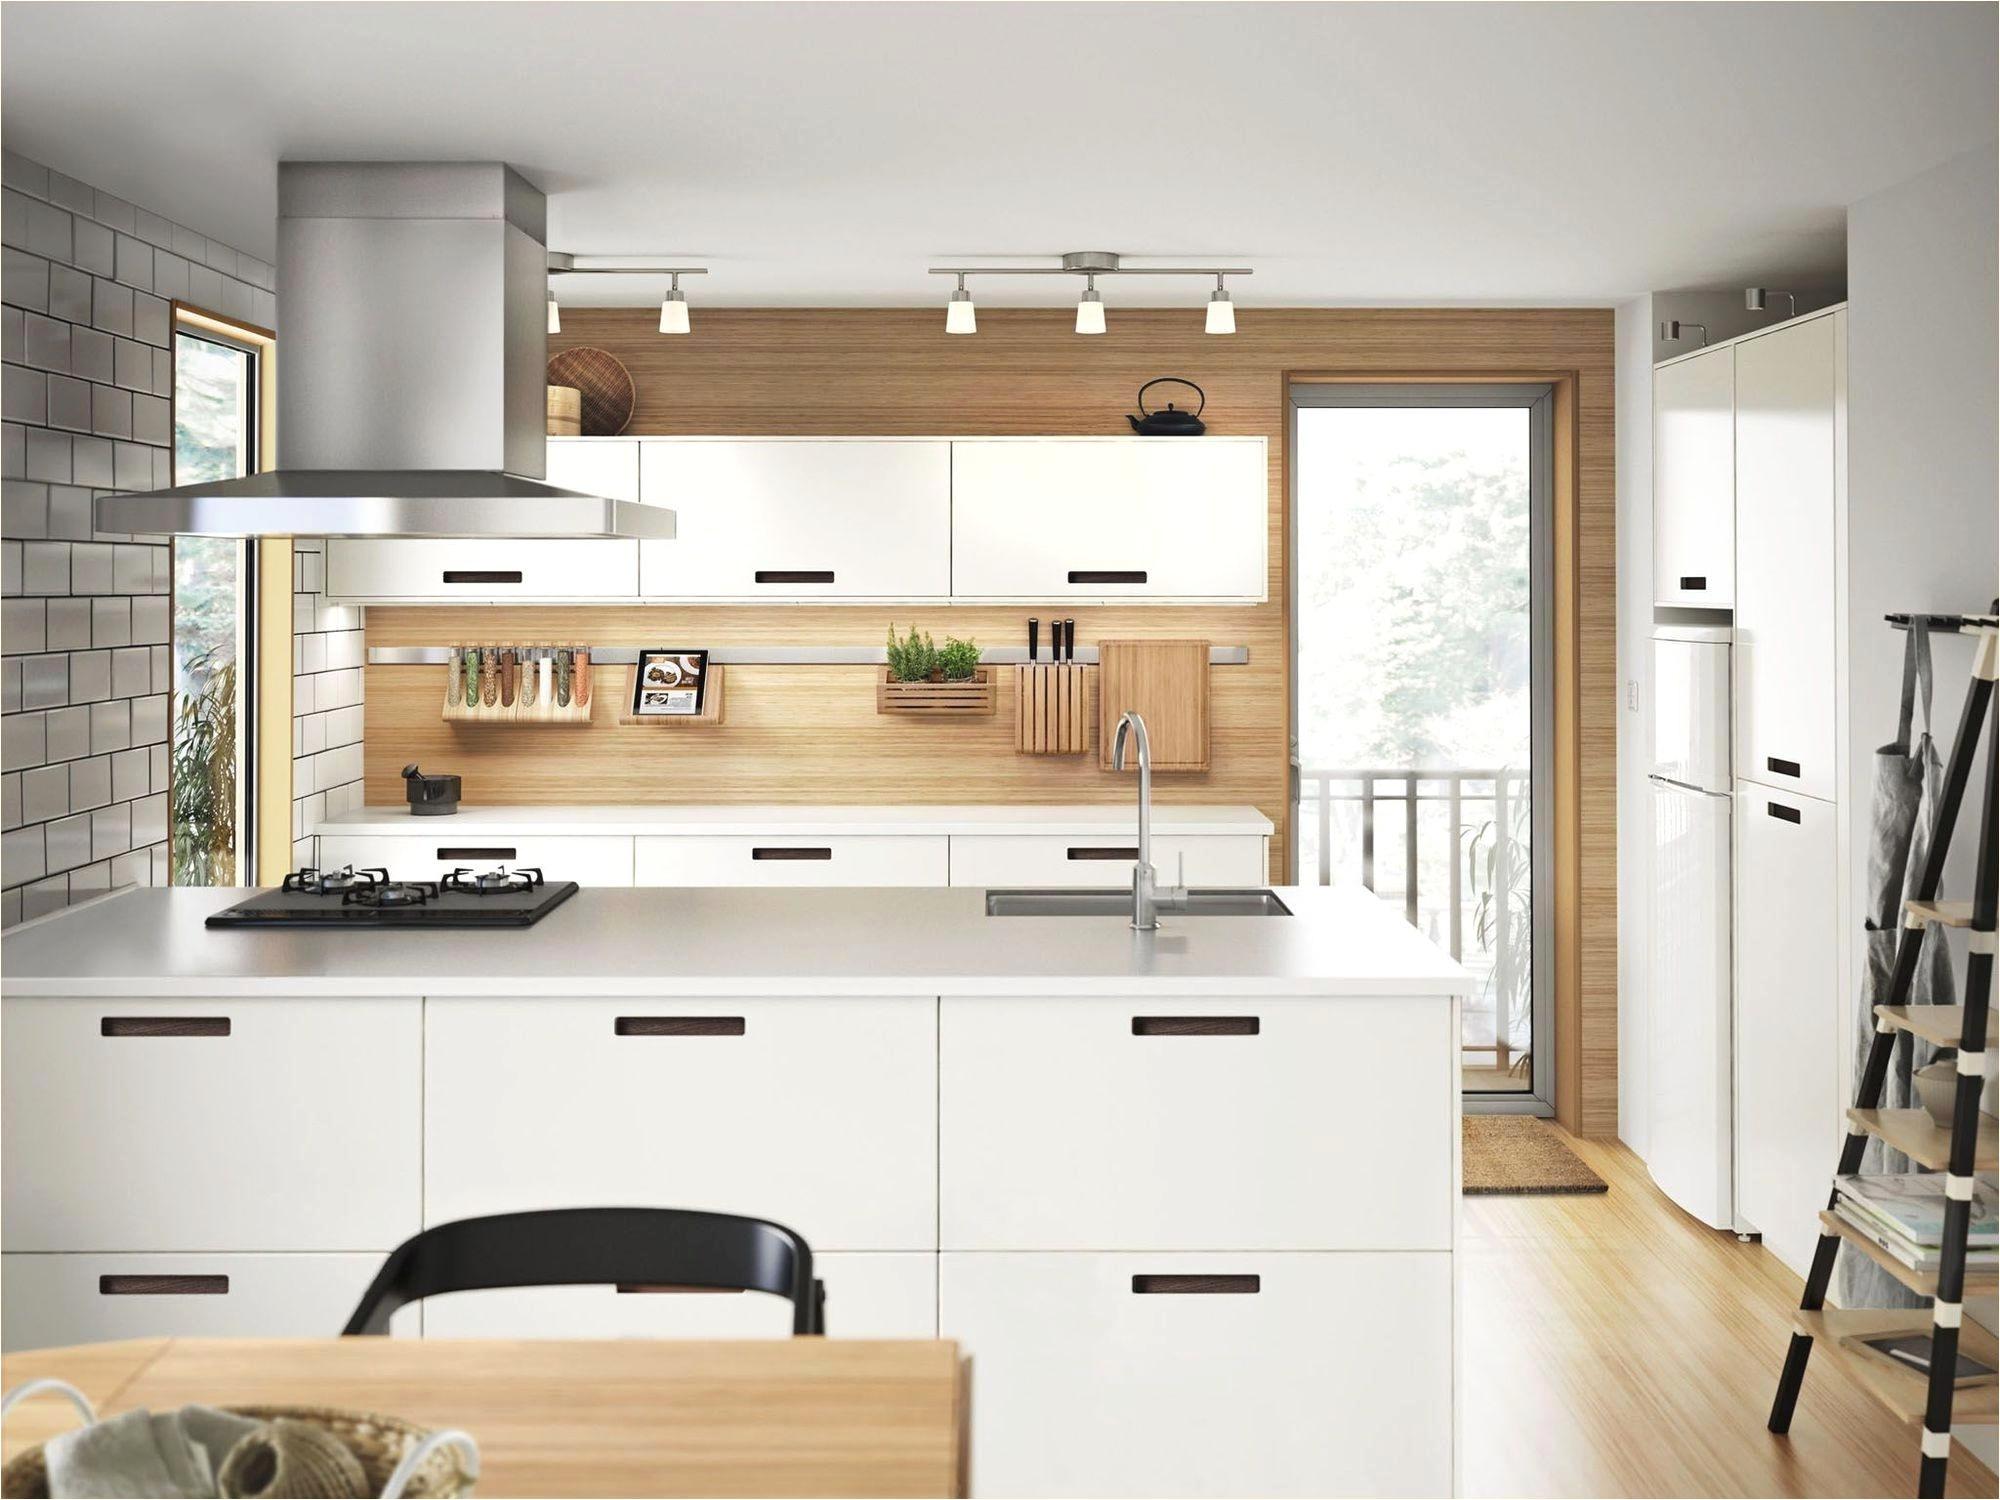 0d Kitchen Cabinet Dimensions Singapore Inspirational Meilleur Ikea Cuisine Logiciel Idées Design